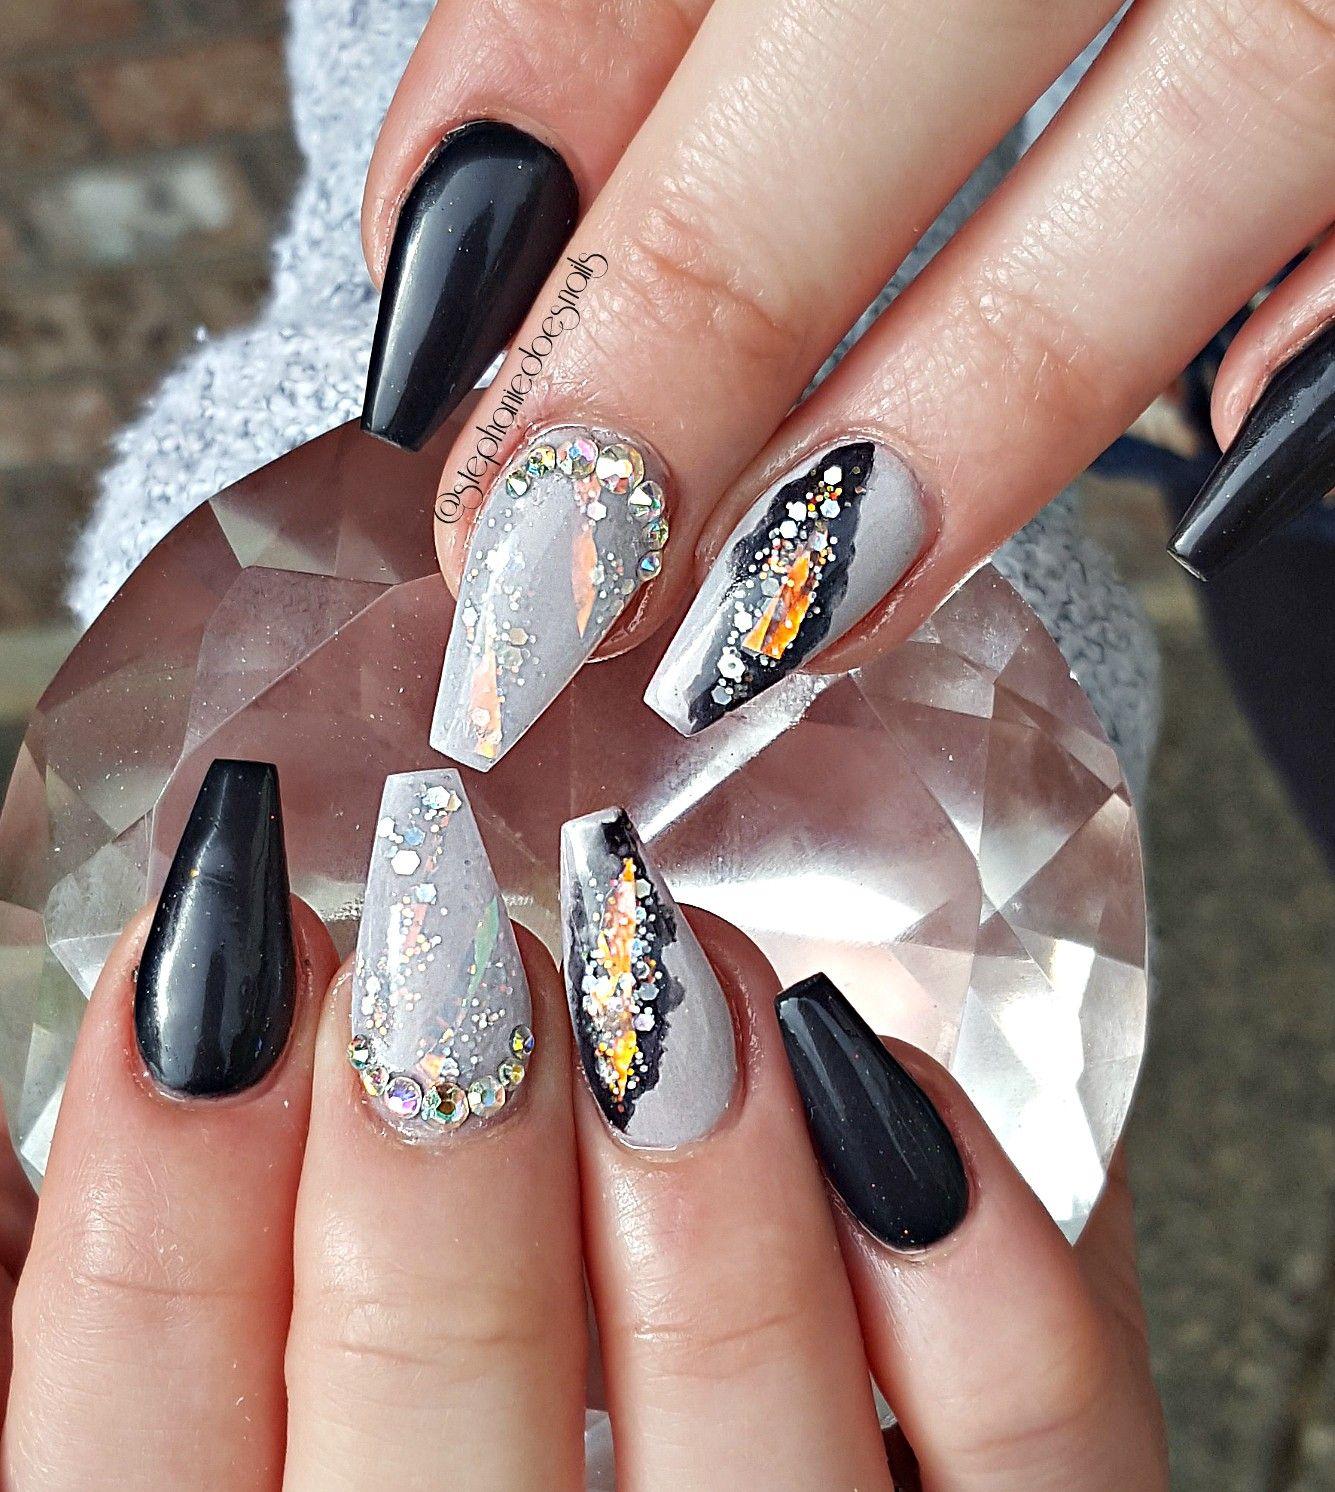 Geode nails | Fancy huh | Pinterest | Nail nail, Makeup and Nails ...